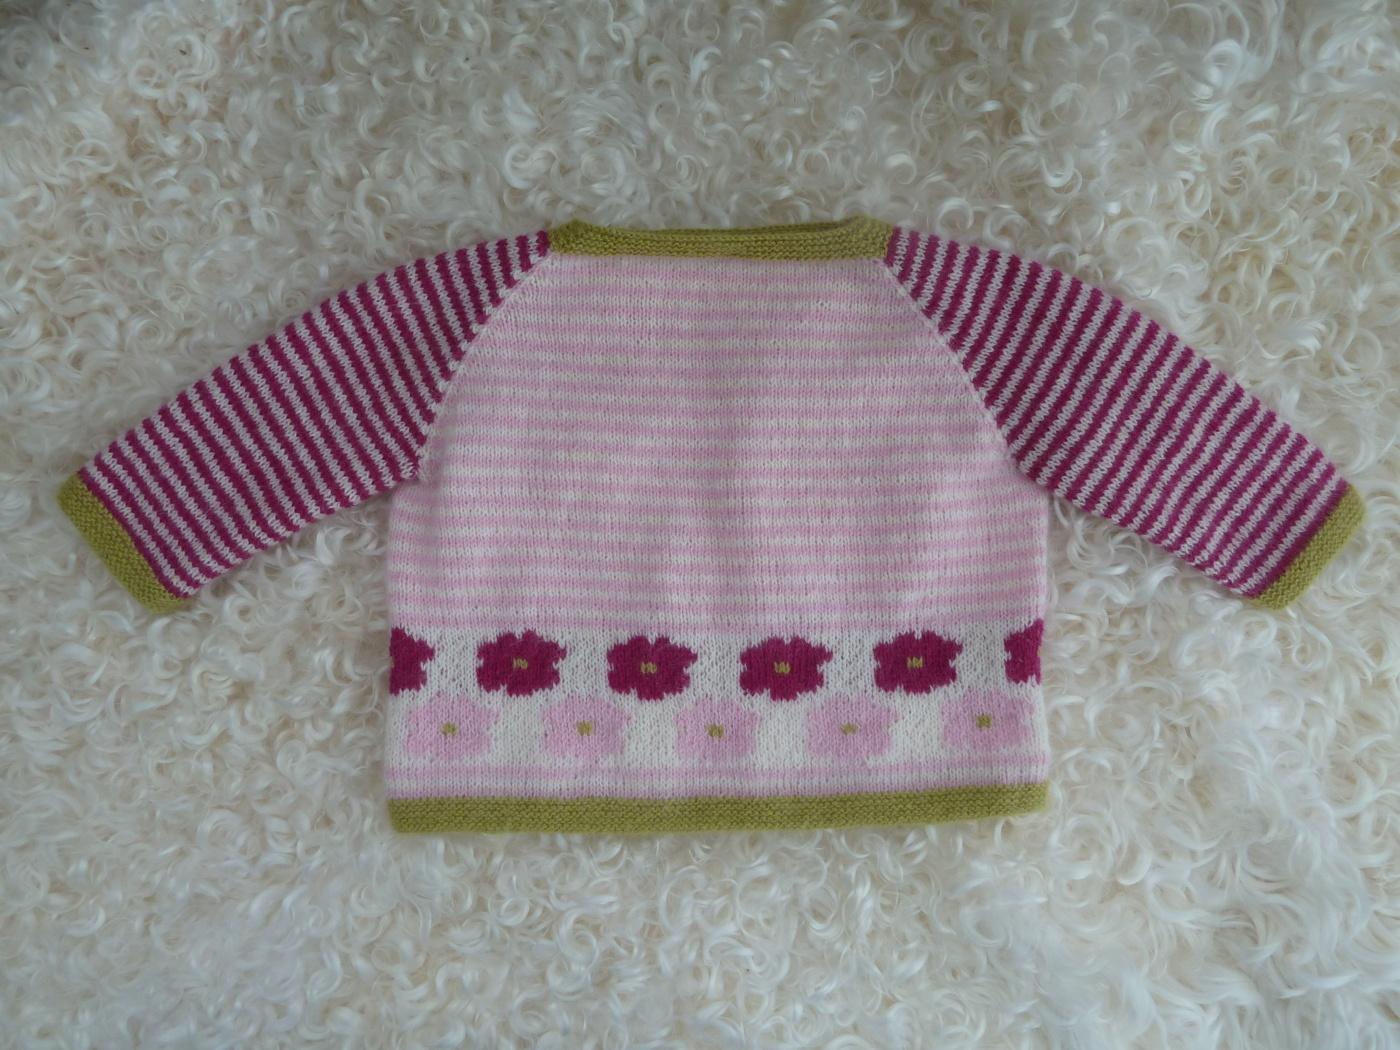 Babytröja med vresrosor 0-12 mån vit/rosa - Stickpaket